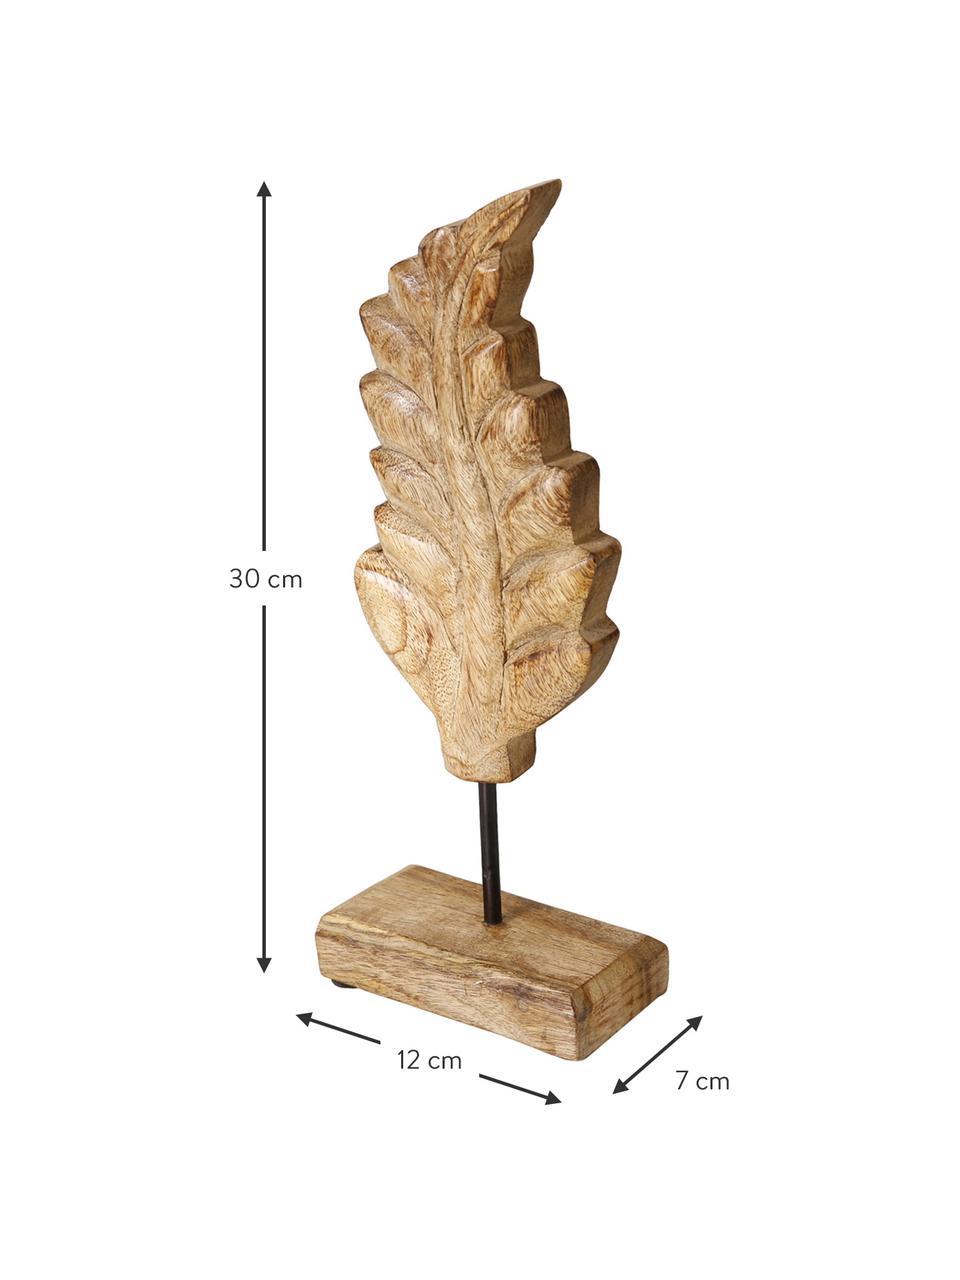 Deko-Objekt-Set Leaf, 3-tlg., Mangoholz, Braun, 12 x 30 cm